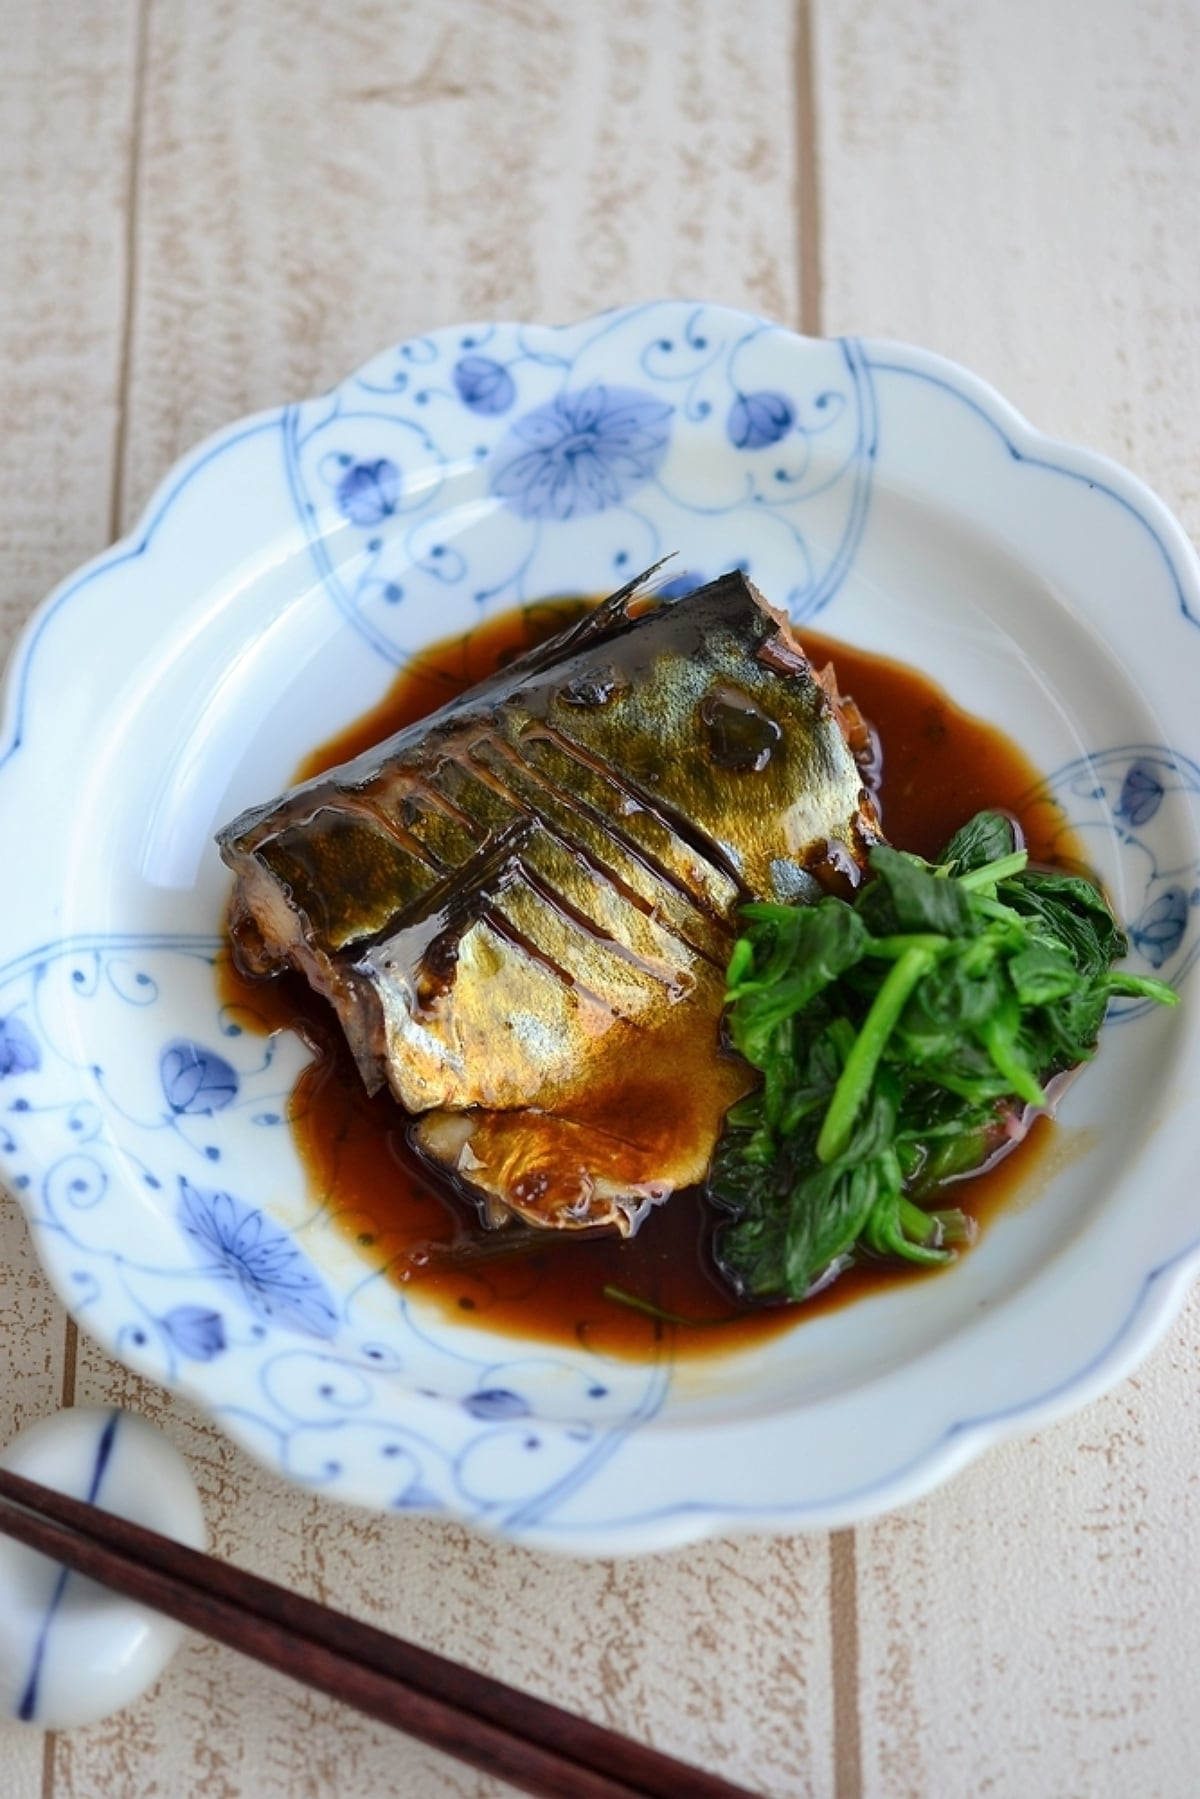 鯖 の 煮付け 【みんなが作ってる】 さば煮付けのレシピ 【クックパッド】...